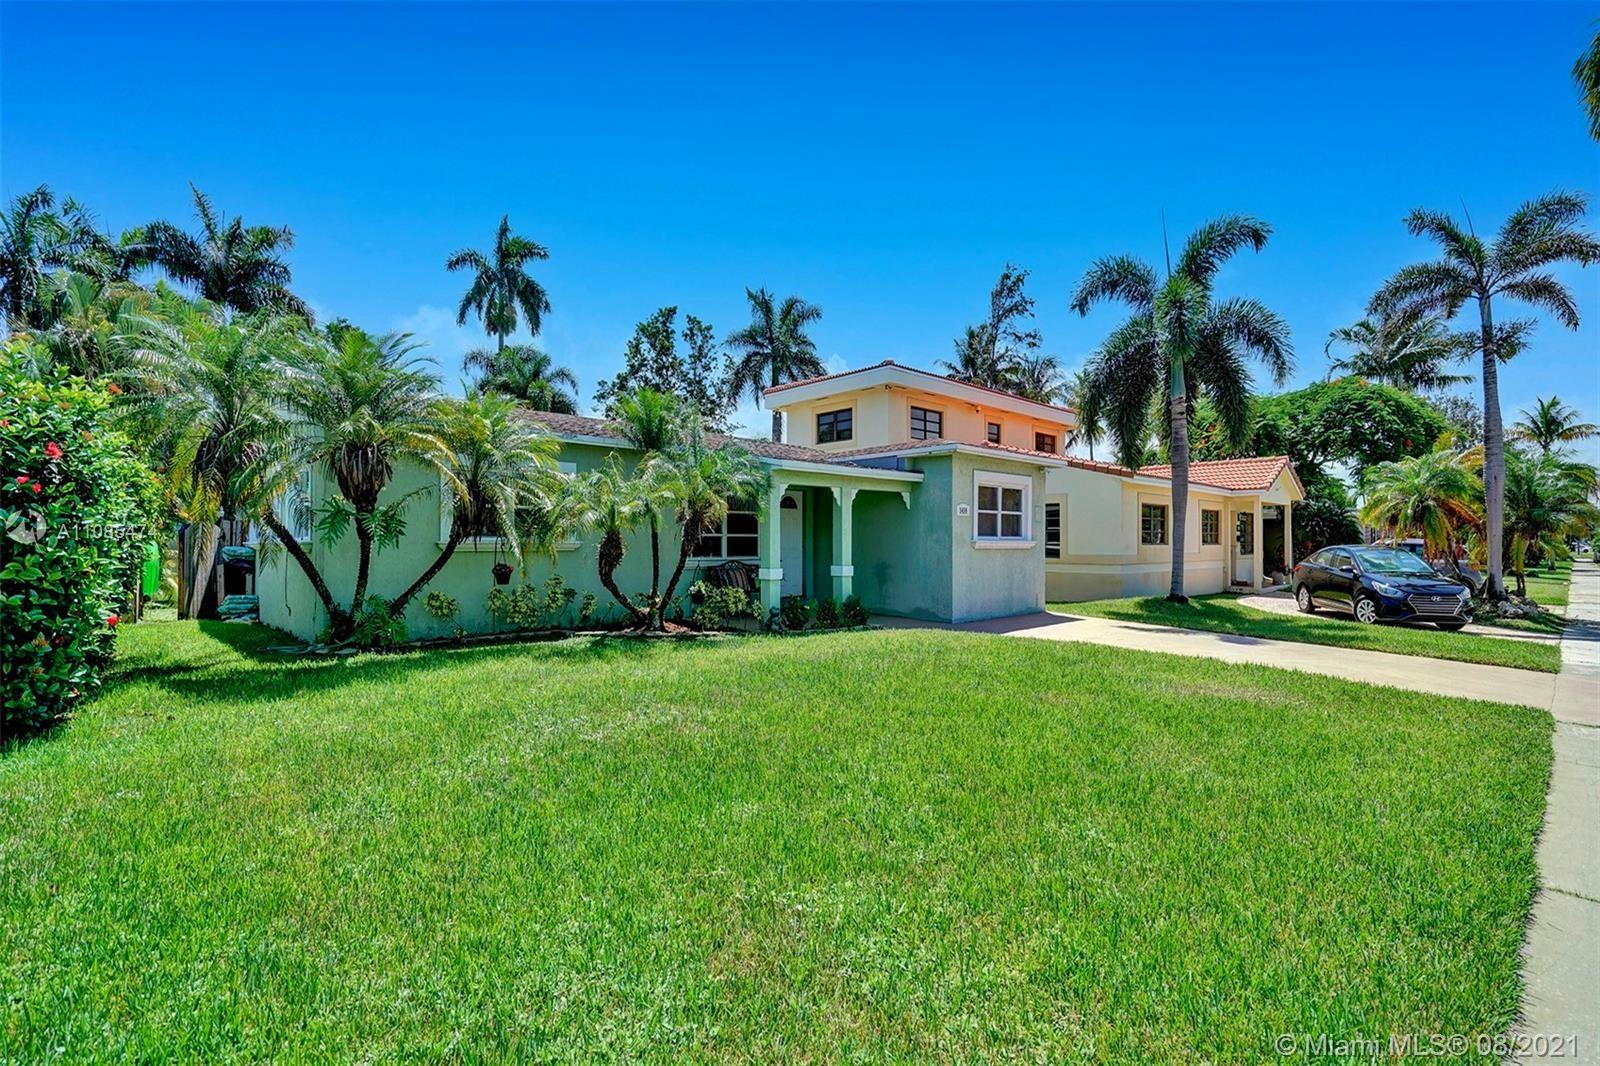 1414 Garfield St, Hollywood, FL 33020 - #: A11085474